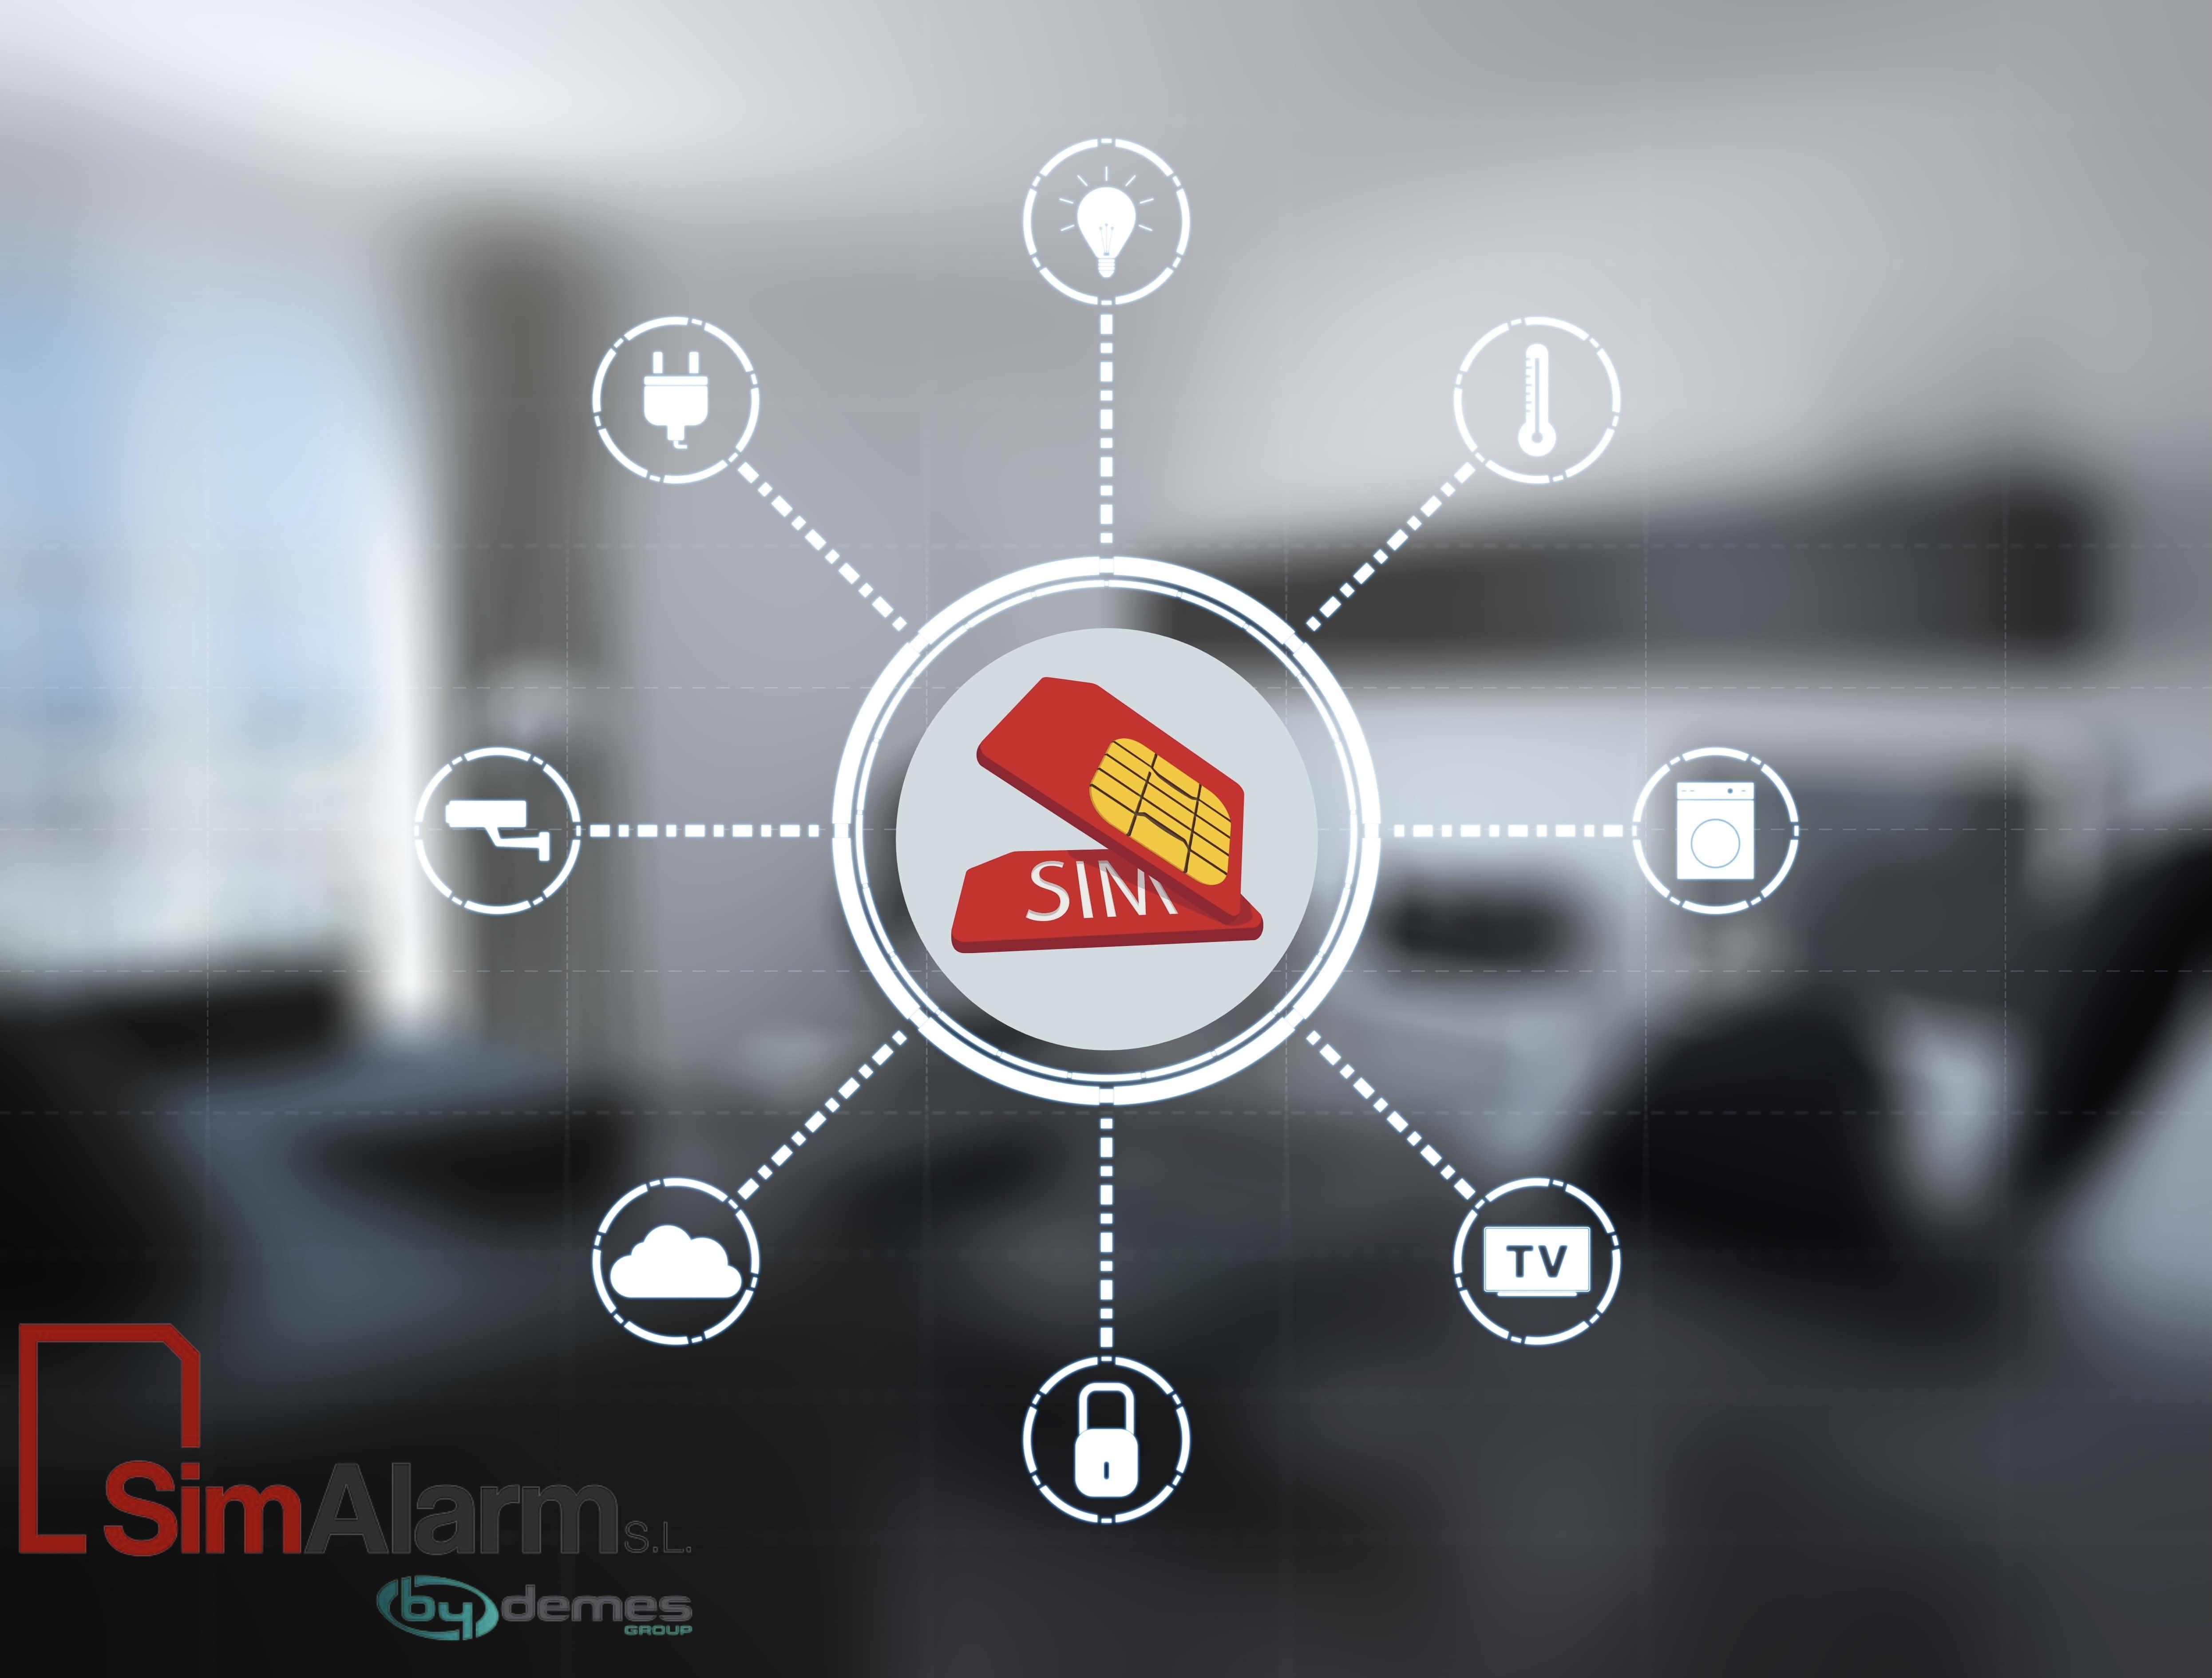 Tarjeta SIM para Alarma de SimAlarm: ventajas y activación